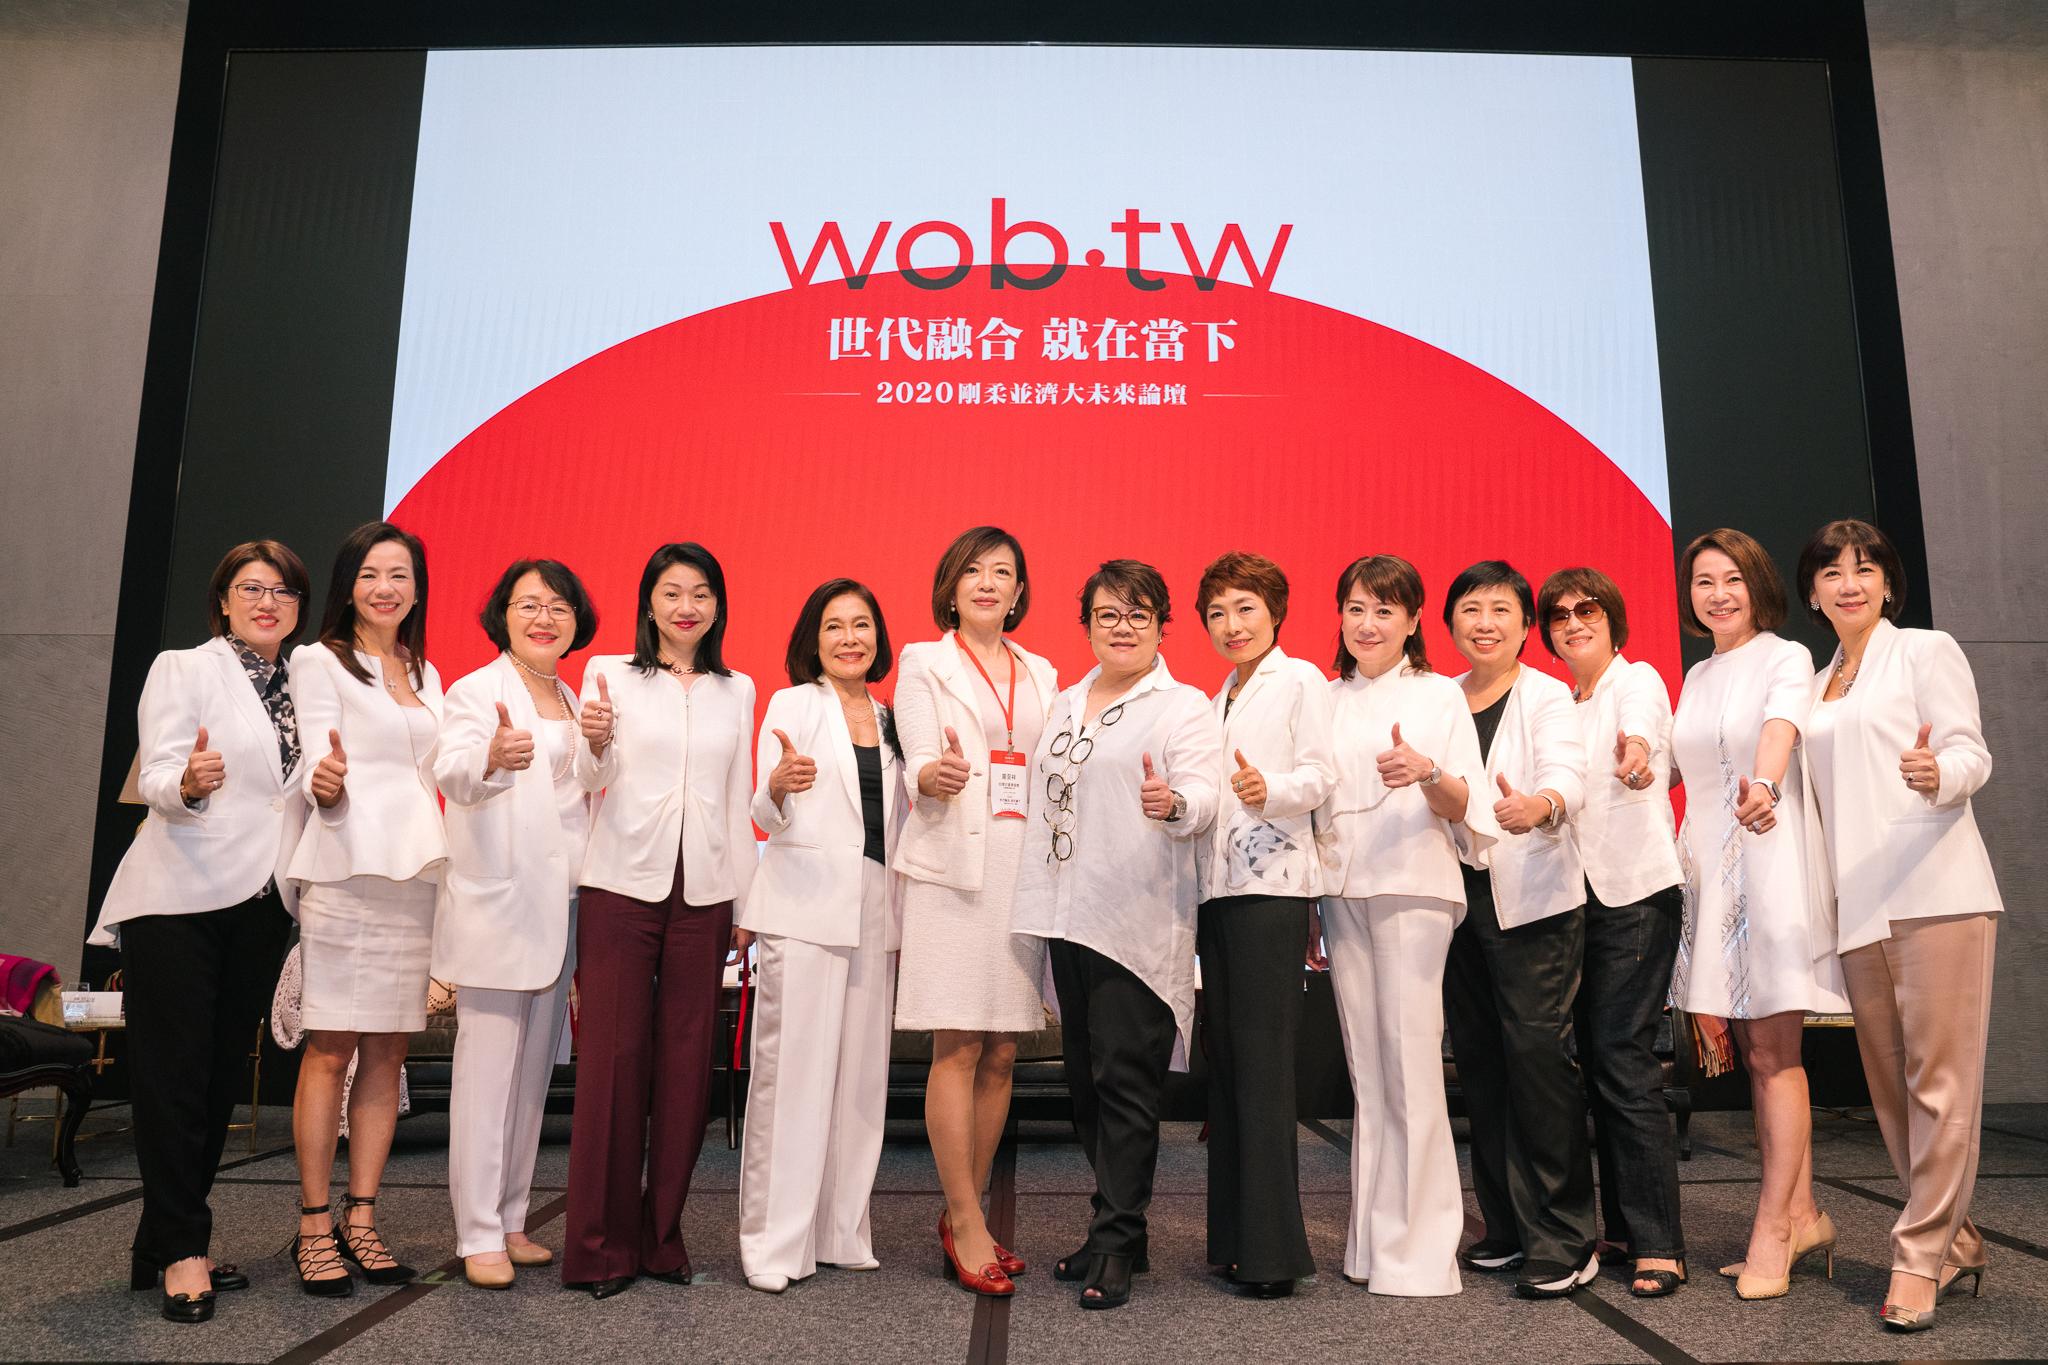 _台灣女董事協會宣布成立女董學院 (WOB Academy),由國內15位優秀的女性企業家組成